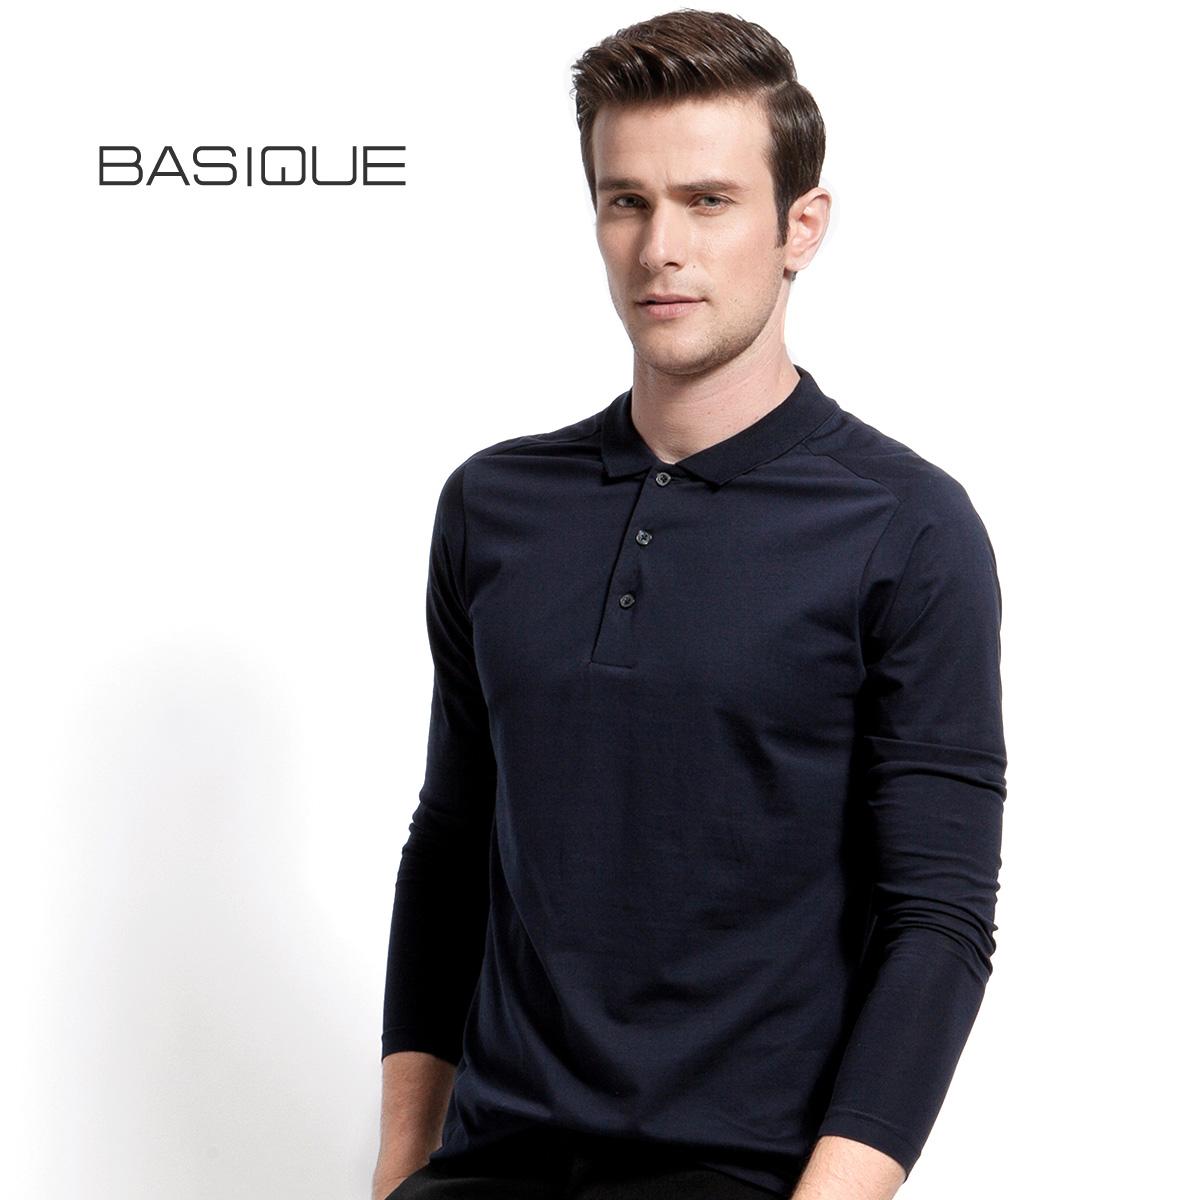 BASIQUE юань это новый тонкий длинный рукав POLO рубашка высокое качество месеризованный хлопок мужской T футболки